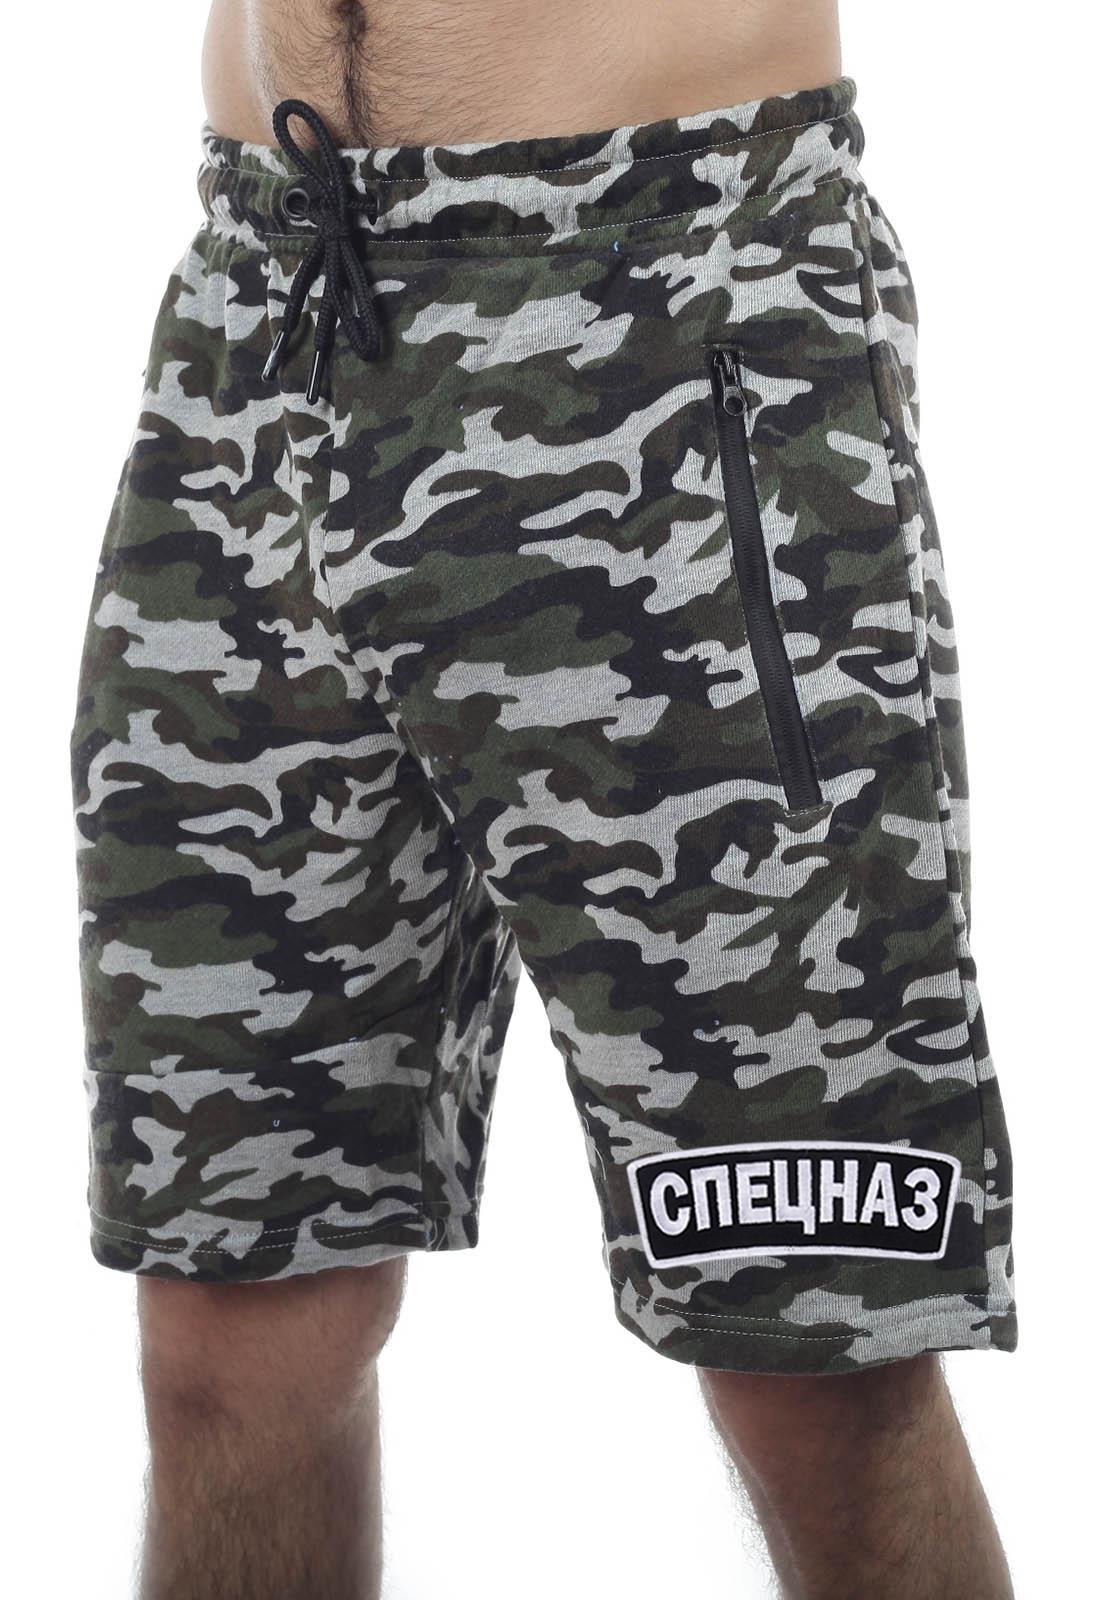 Купить в военторге Военпро камуфляжные шорты Спецназа РФ